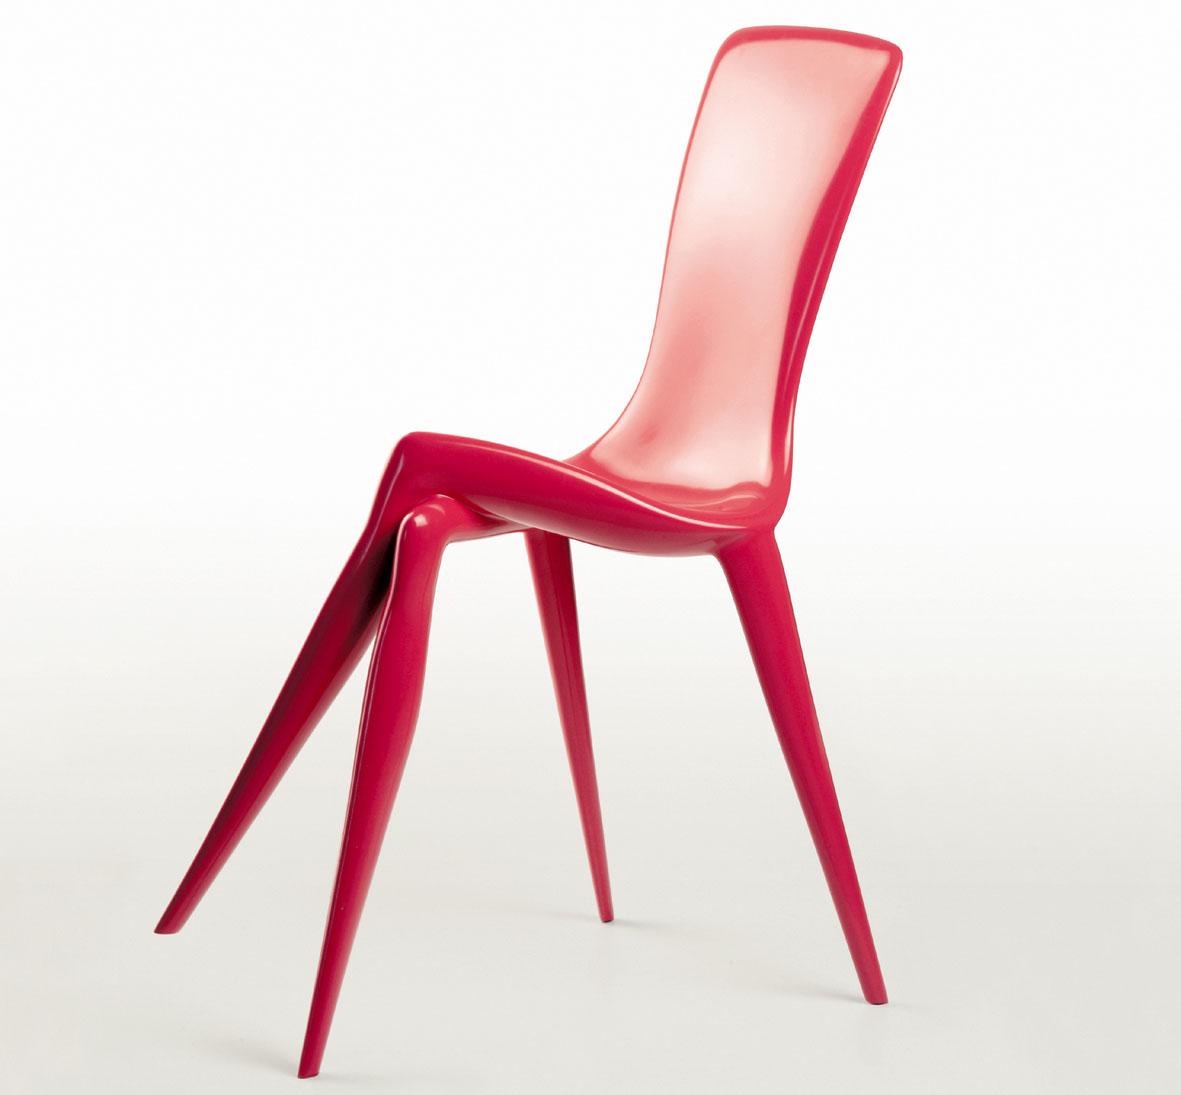 Картинки стульев прикольные, прикольные днем